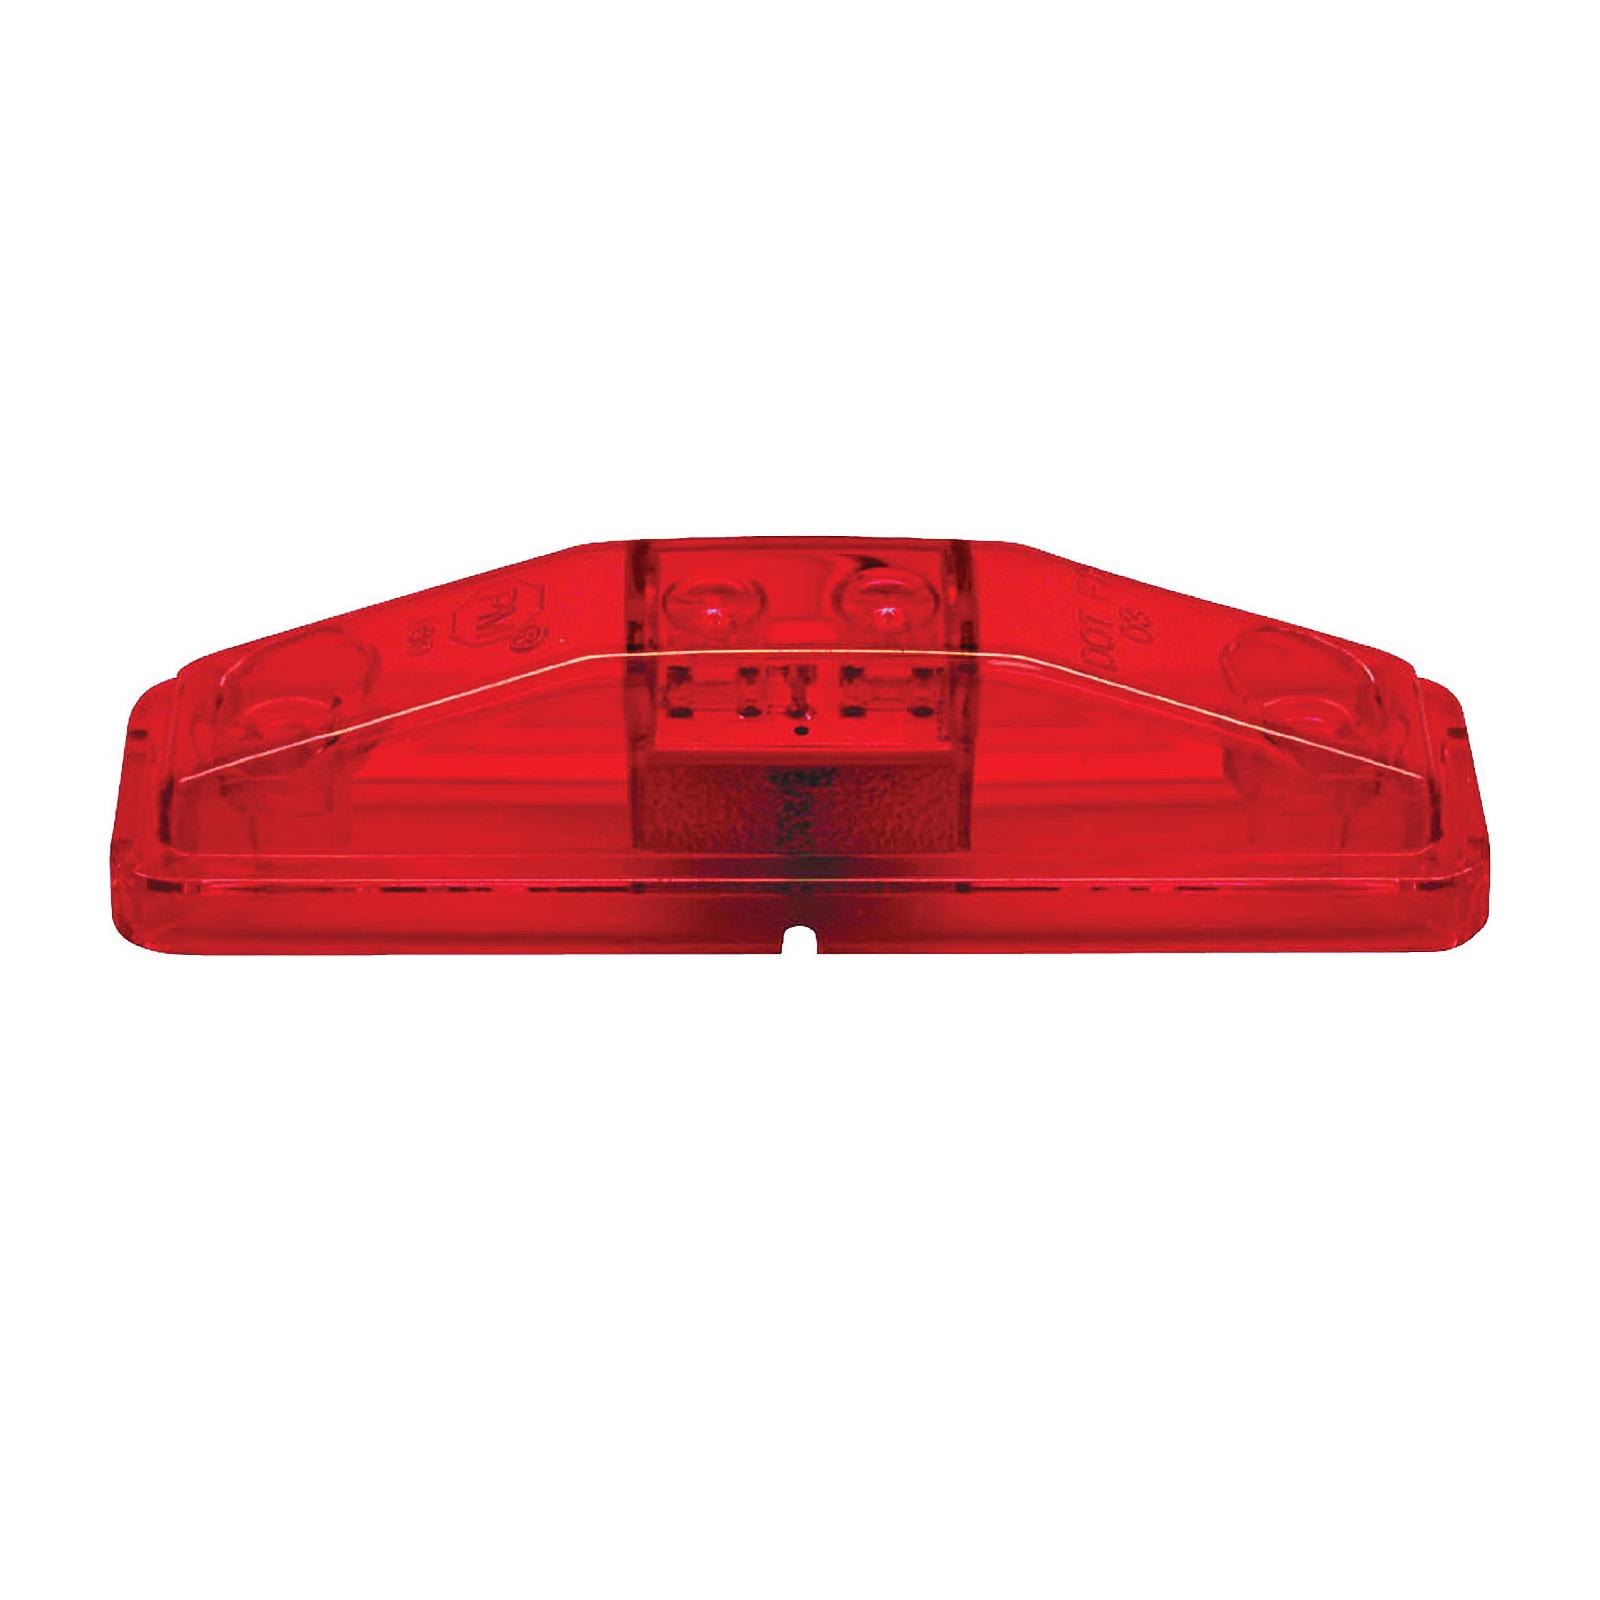 Picture of PM V169KR Marker Light Kit, 9/16 V, 2 -Lamp, LED Lamp, Red Lamp